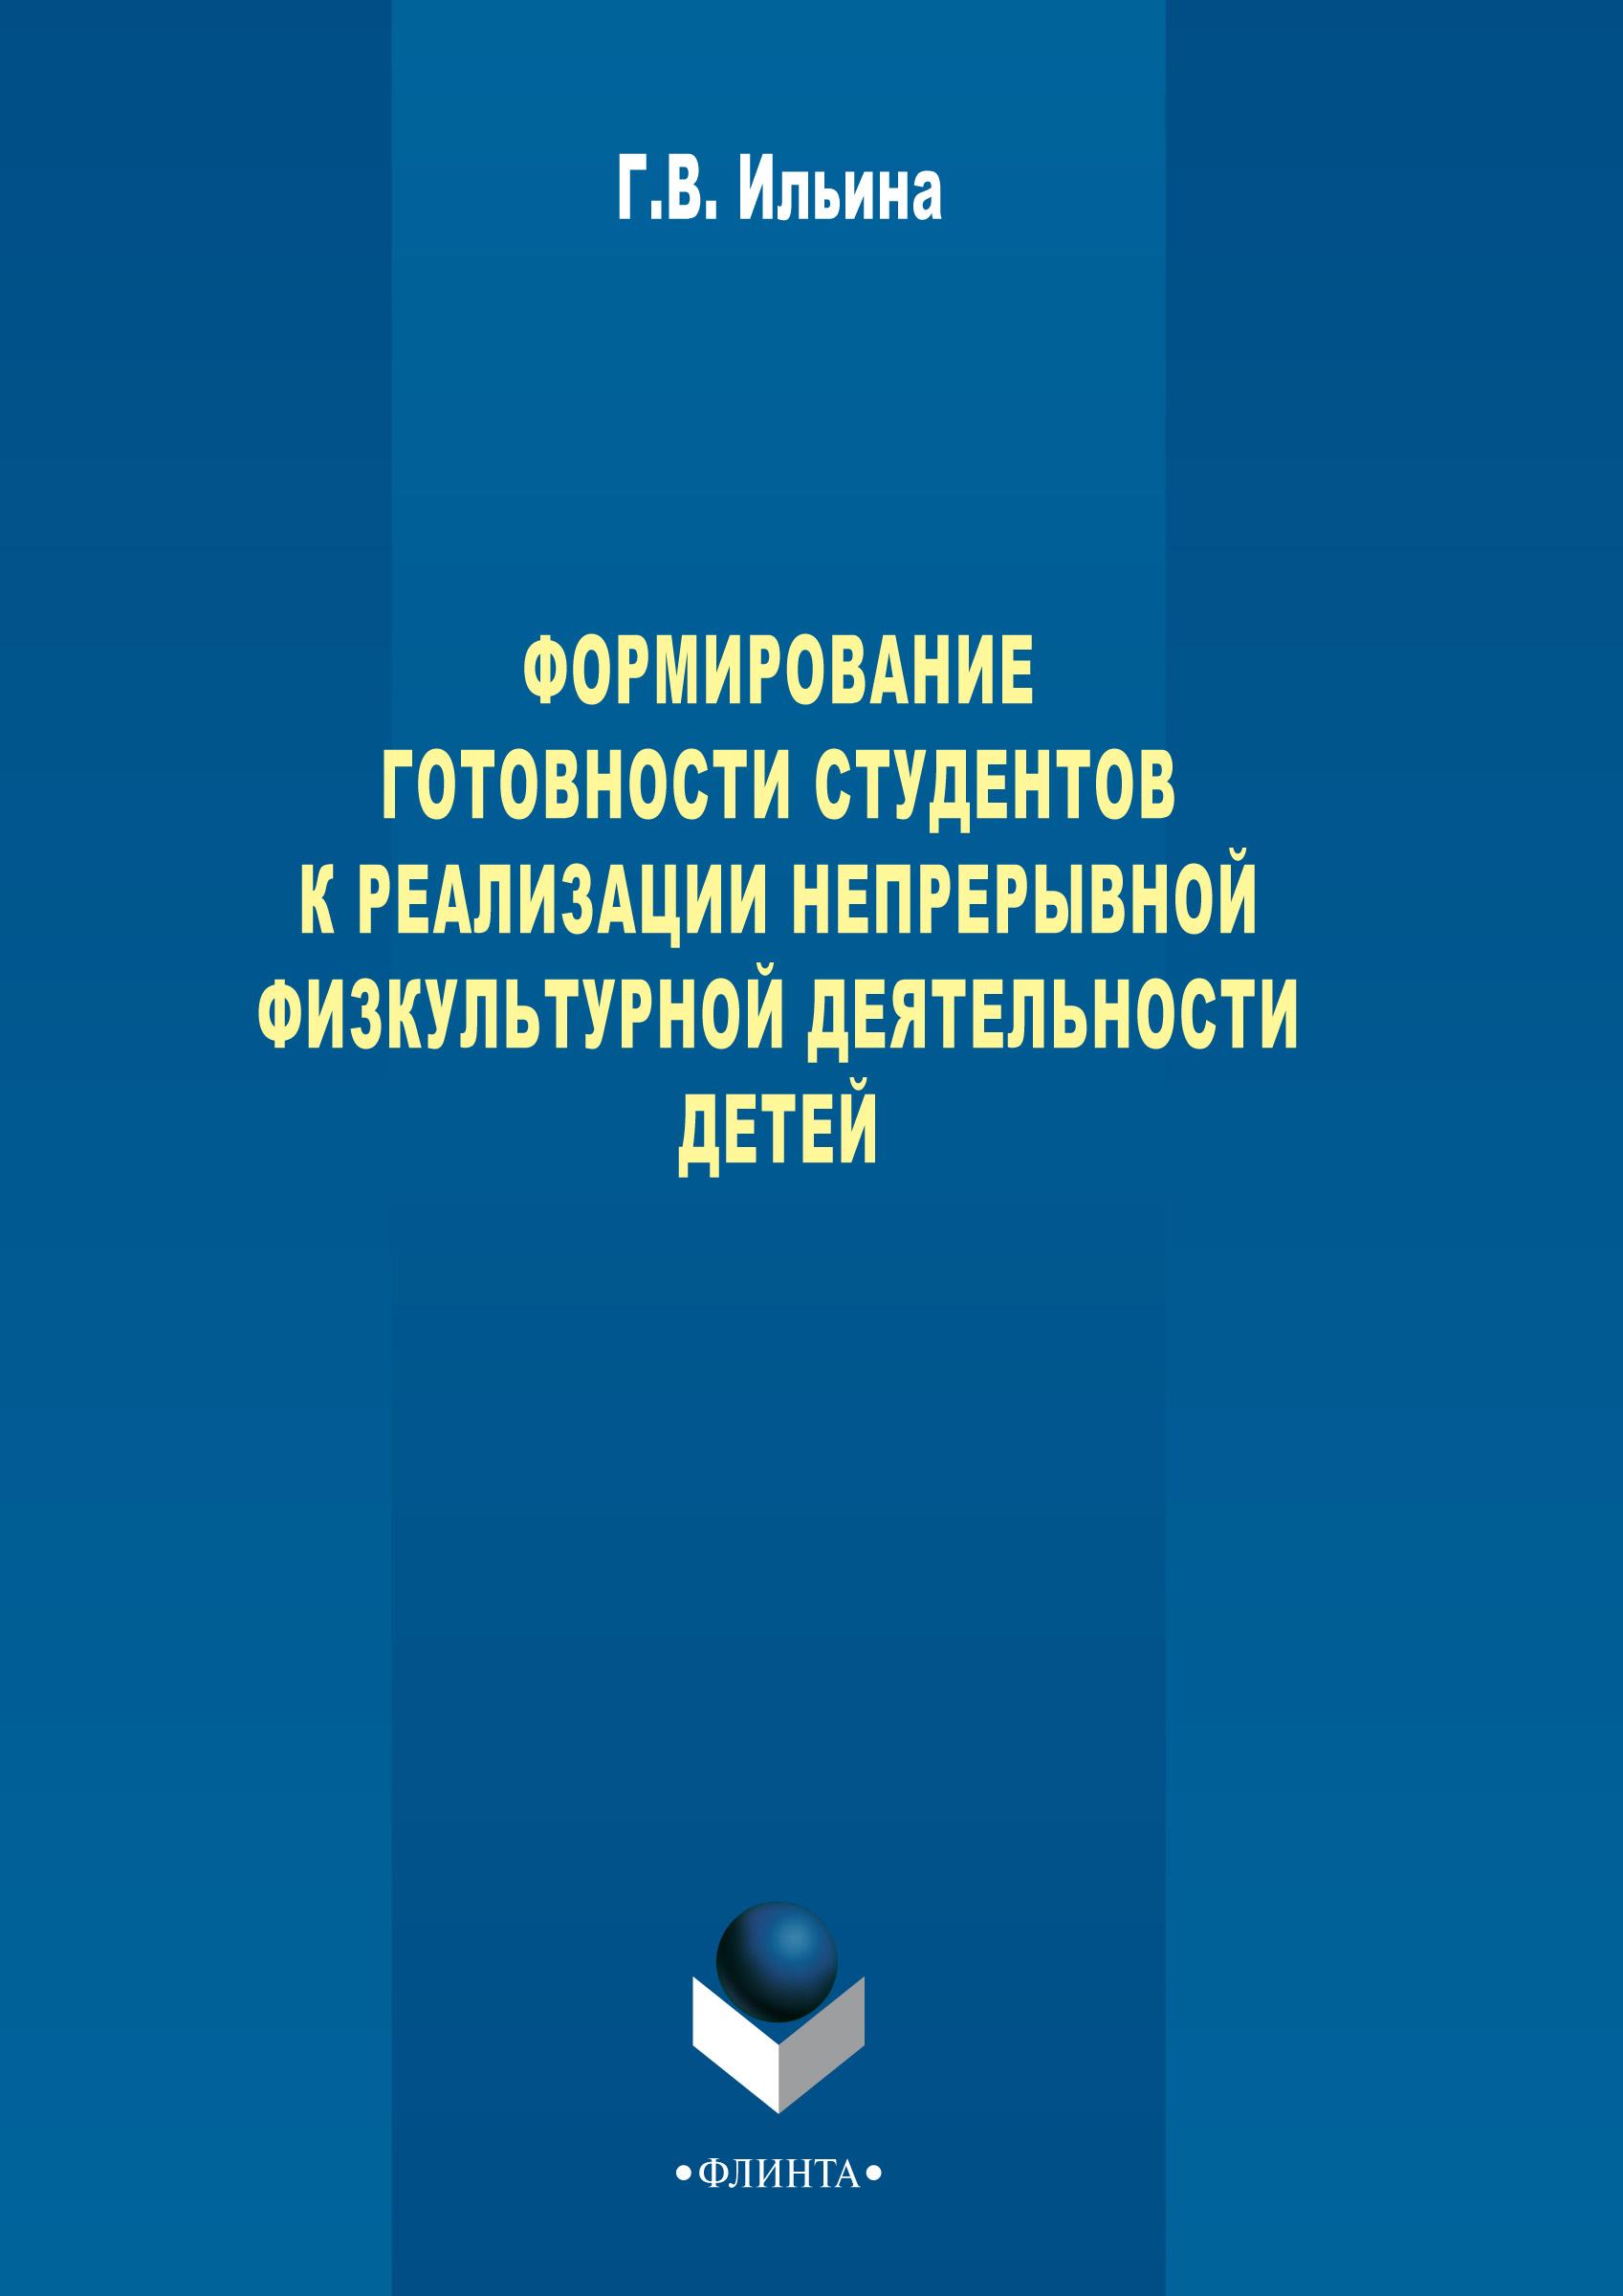 Г. В. Ильина Формирование готовности студентов к реализации непрерывной физкультурной деятельности детей цена